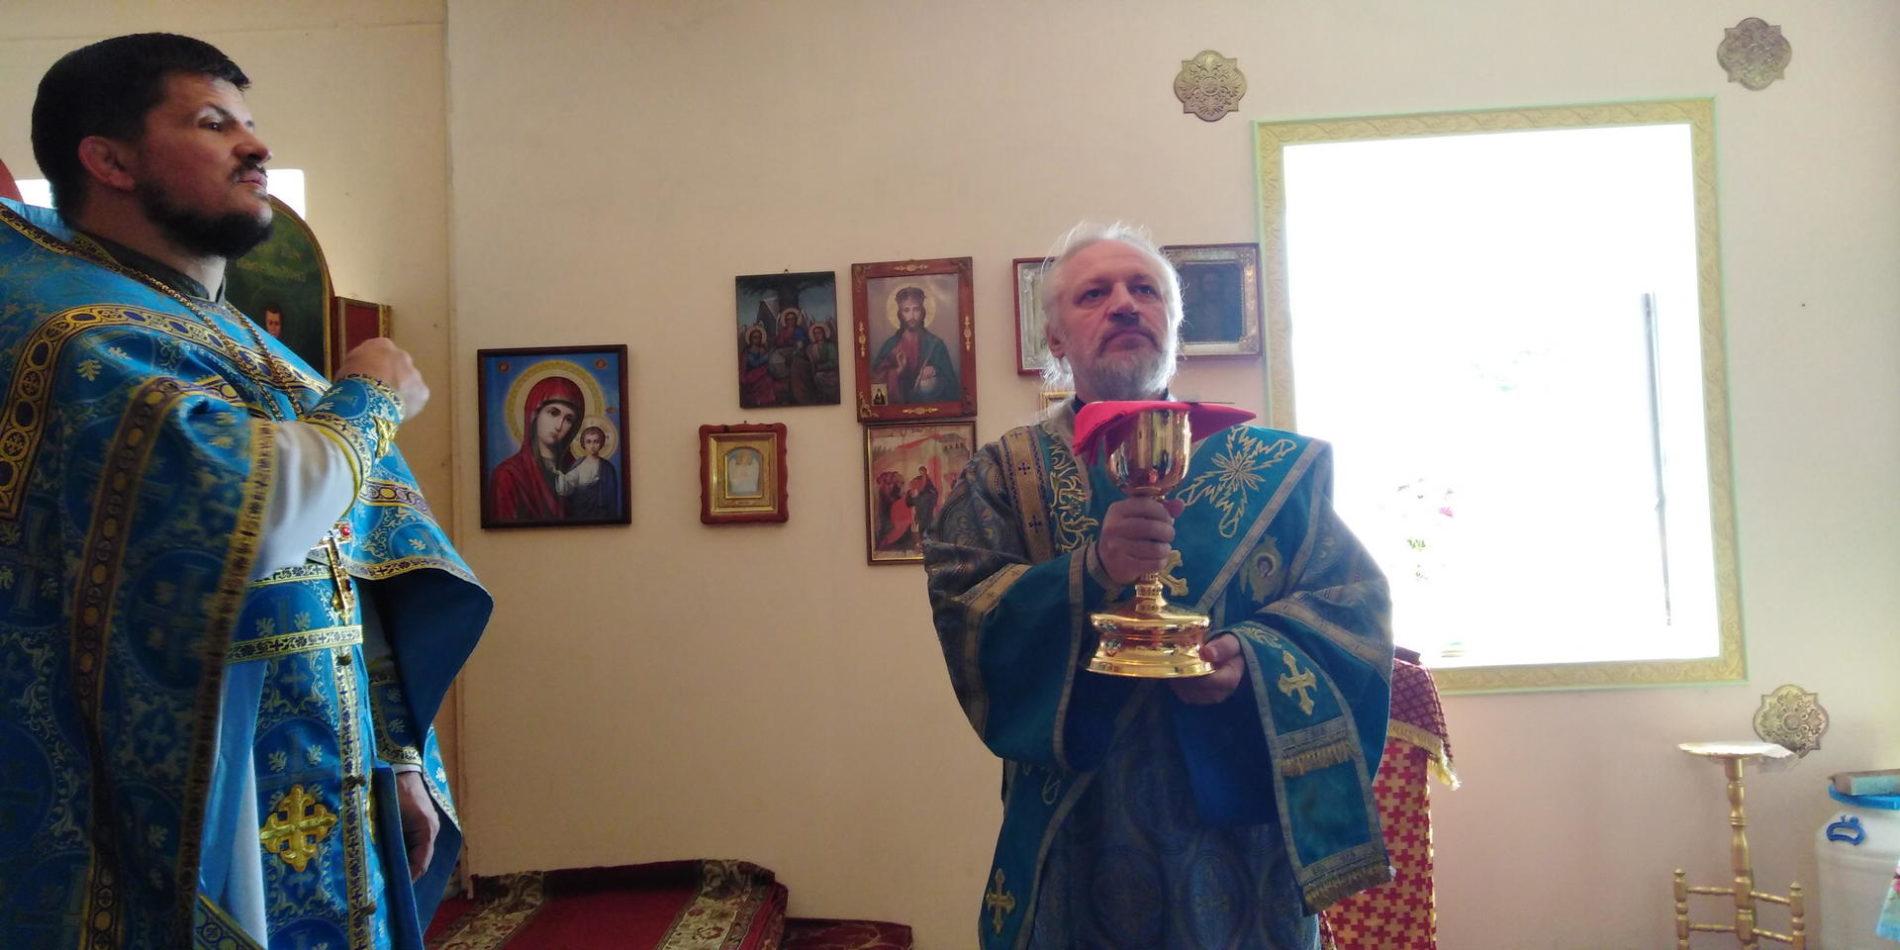 Uspenie_Panteleimon-church_Lugansk_28-Aug-2019_11